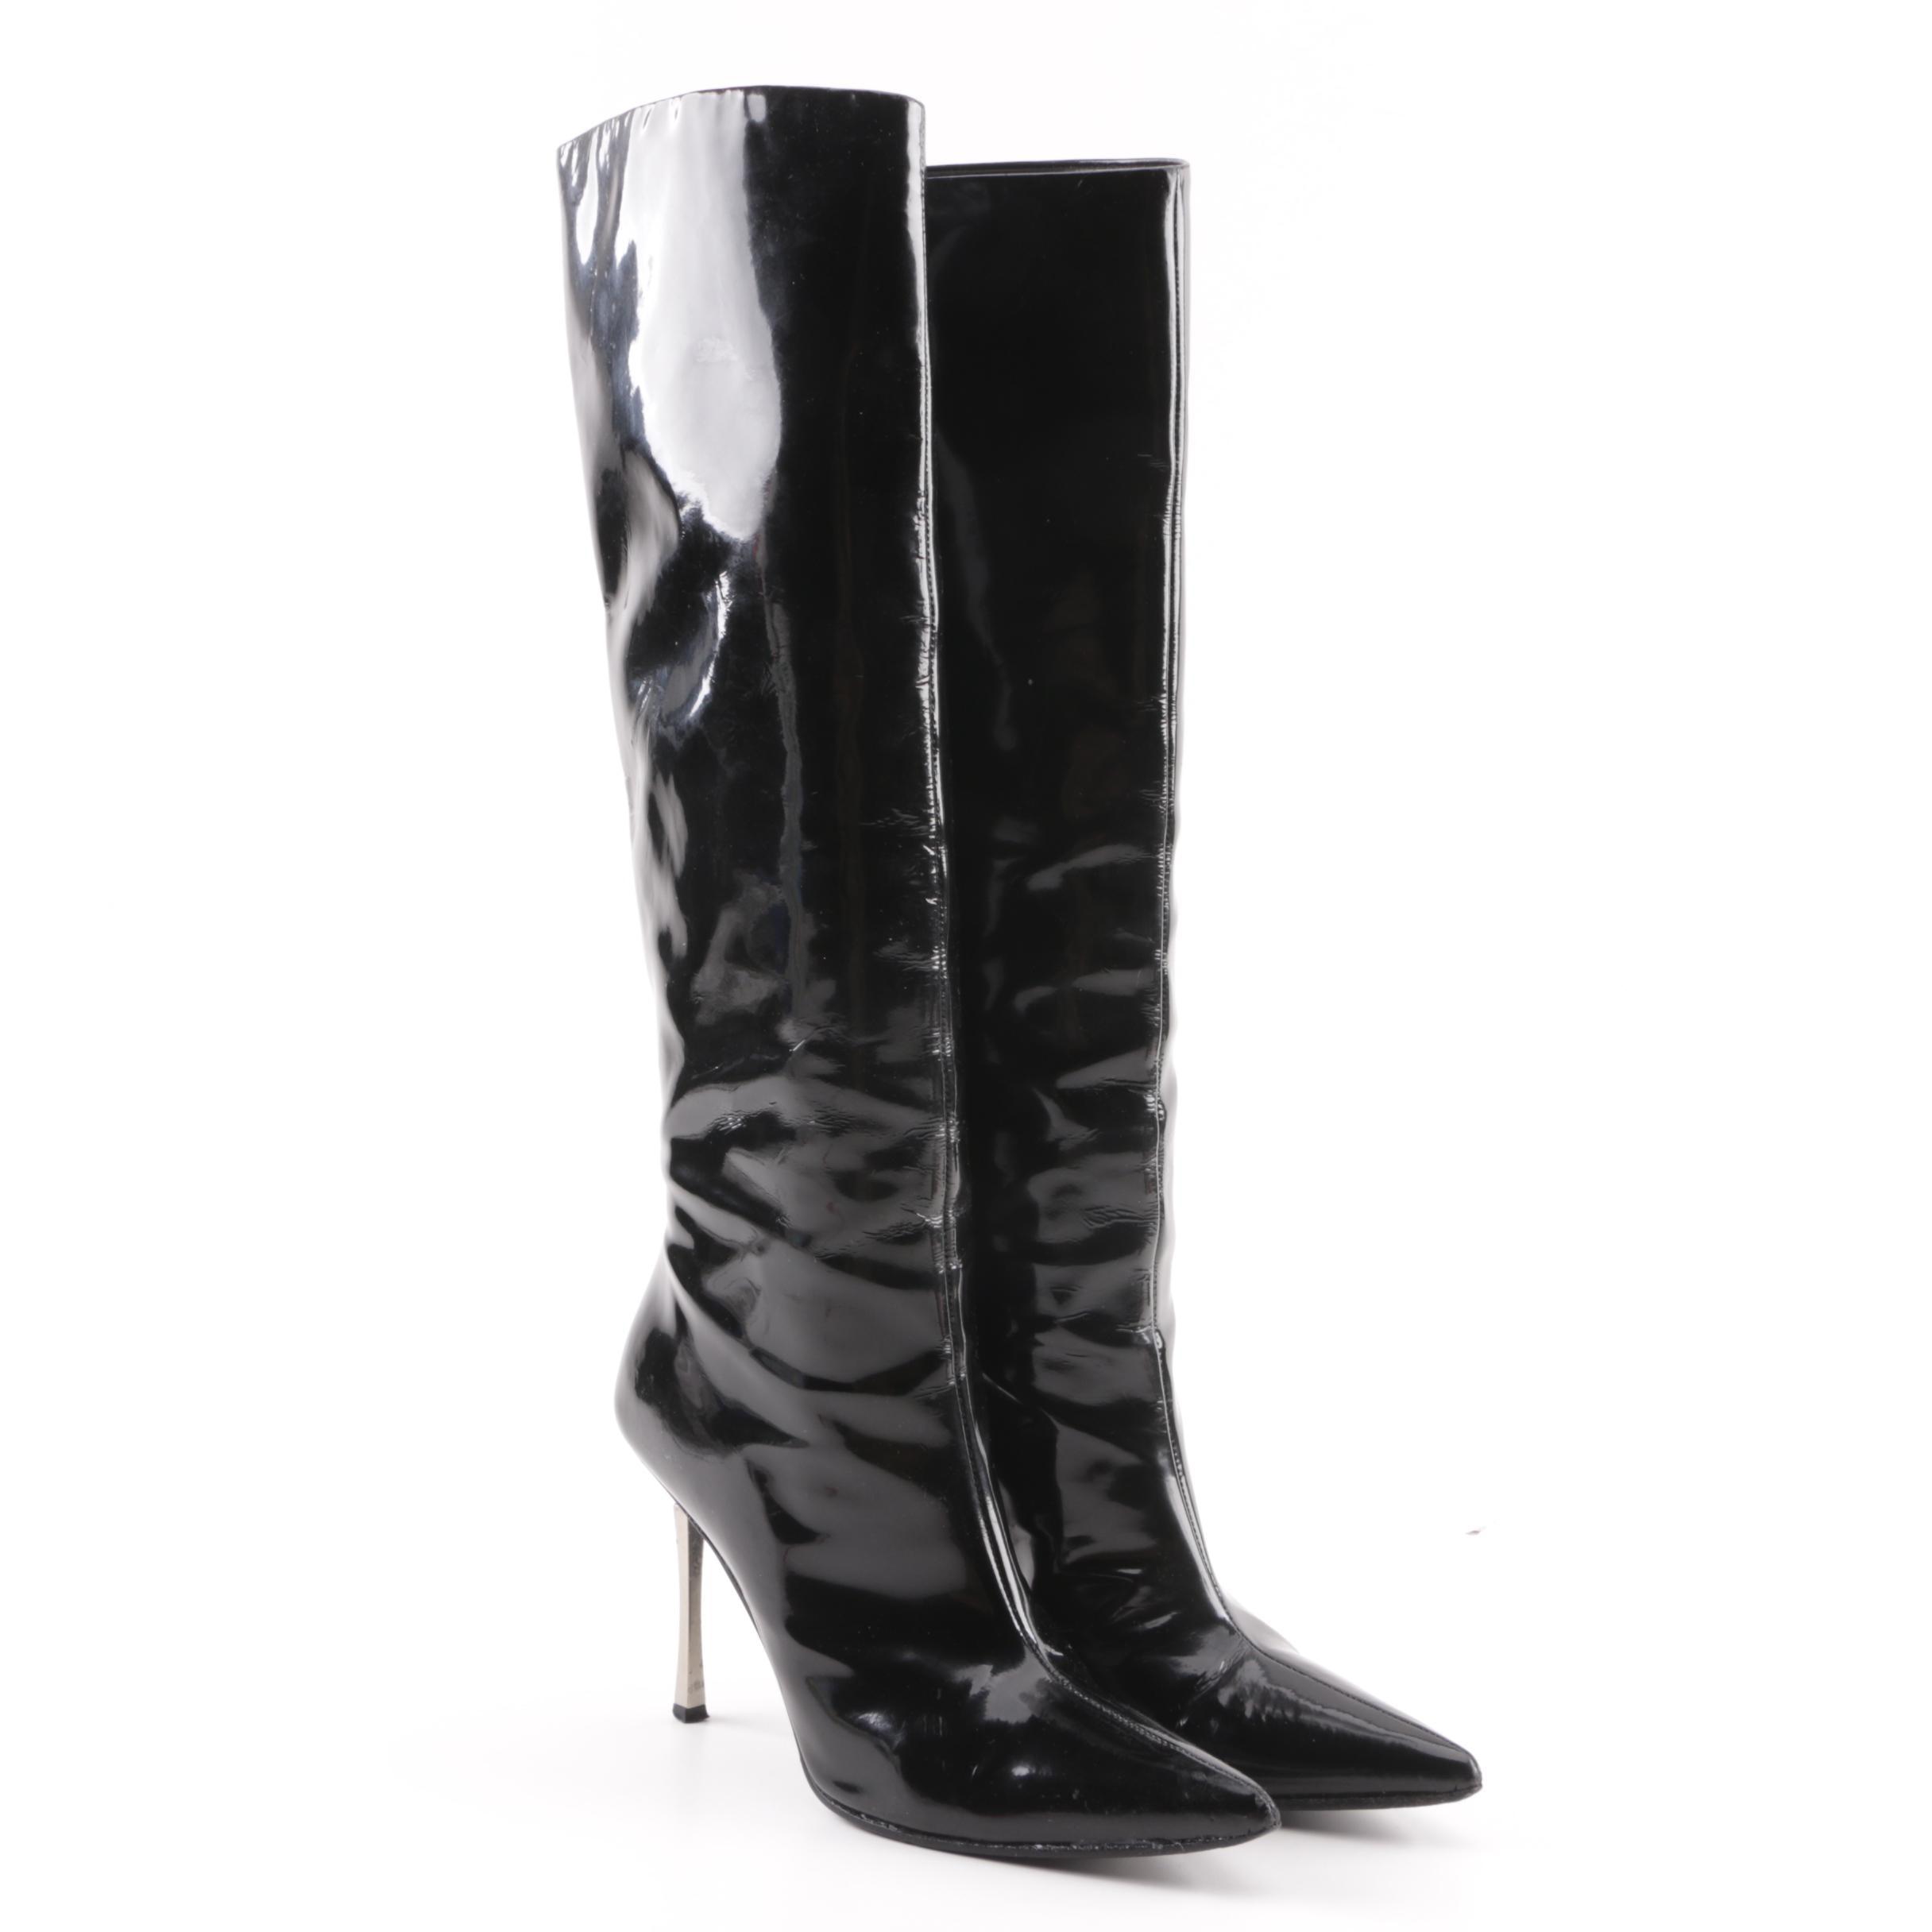 Women's Gucci Black Patent Leather Stiletto Boots